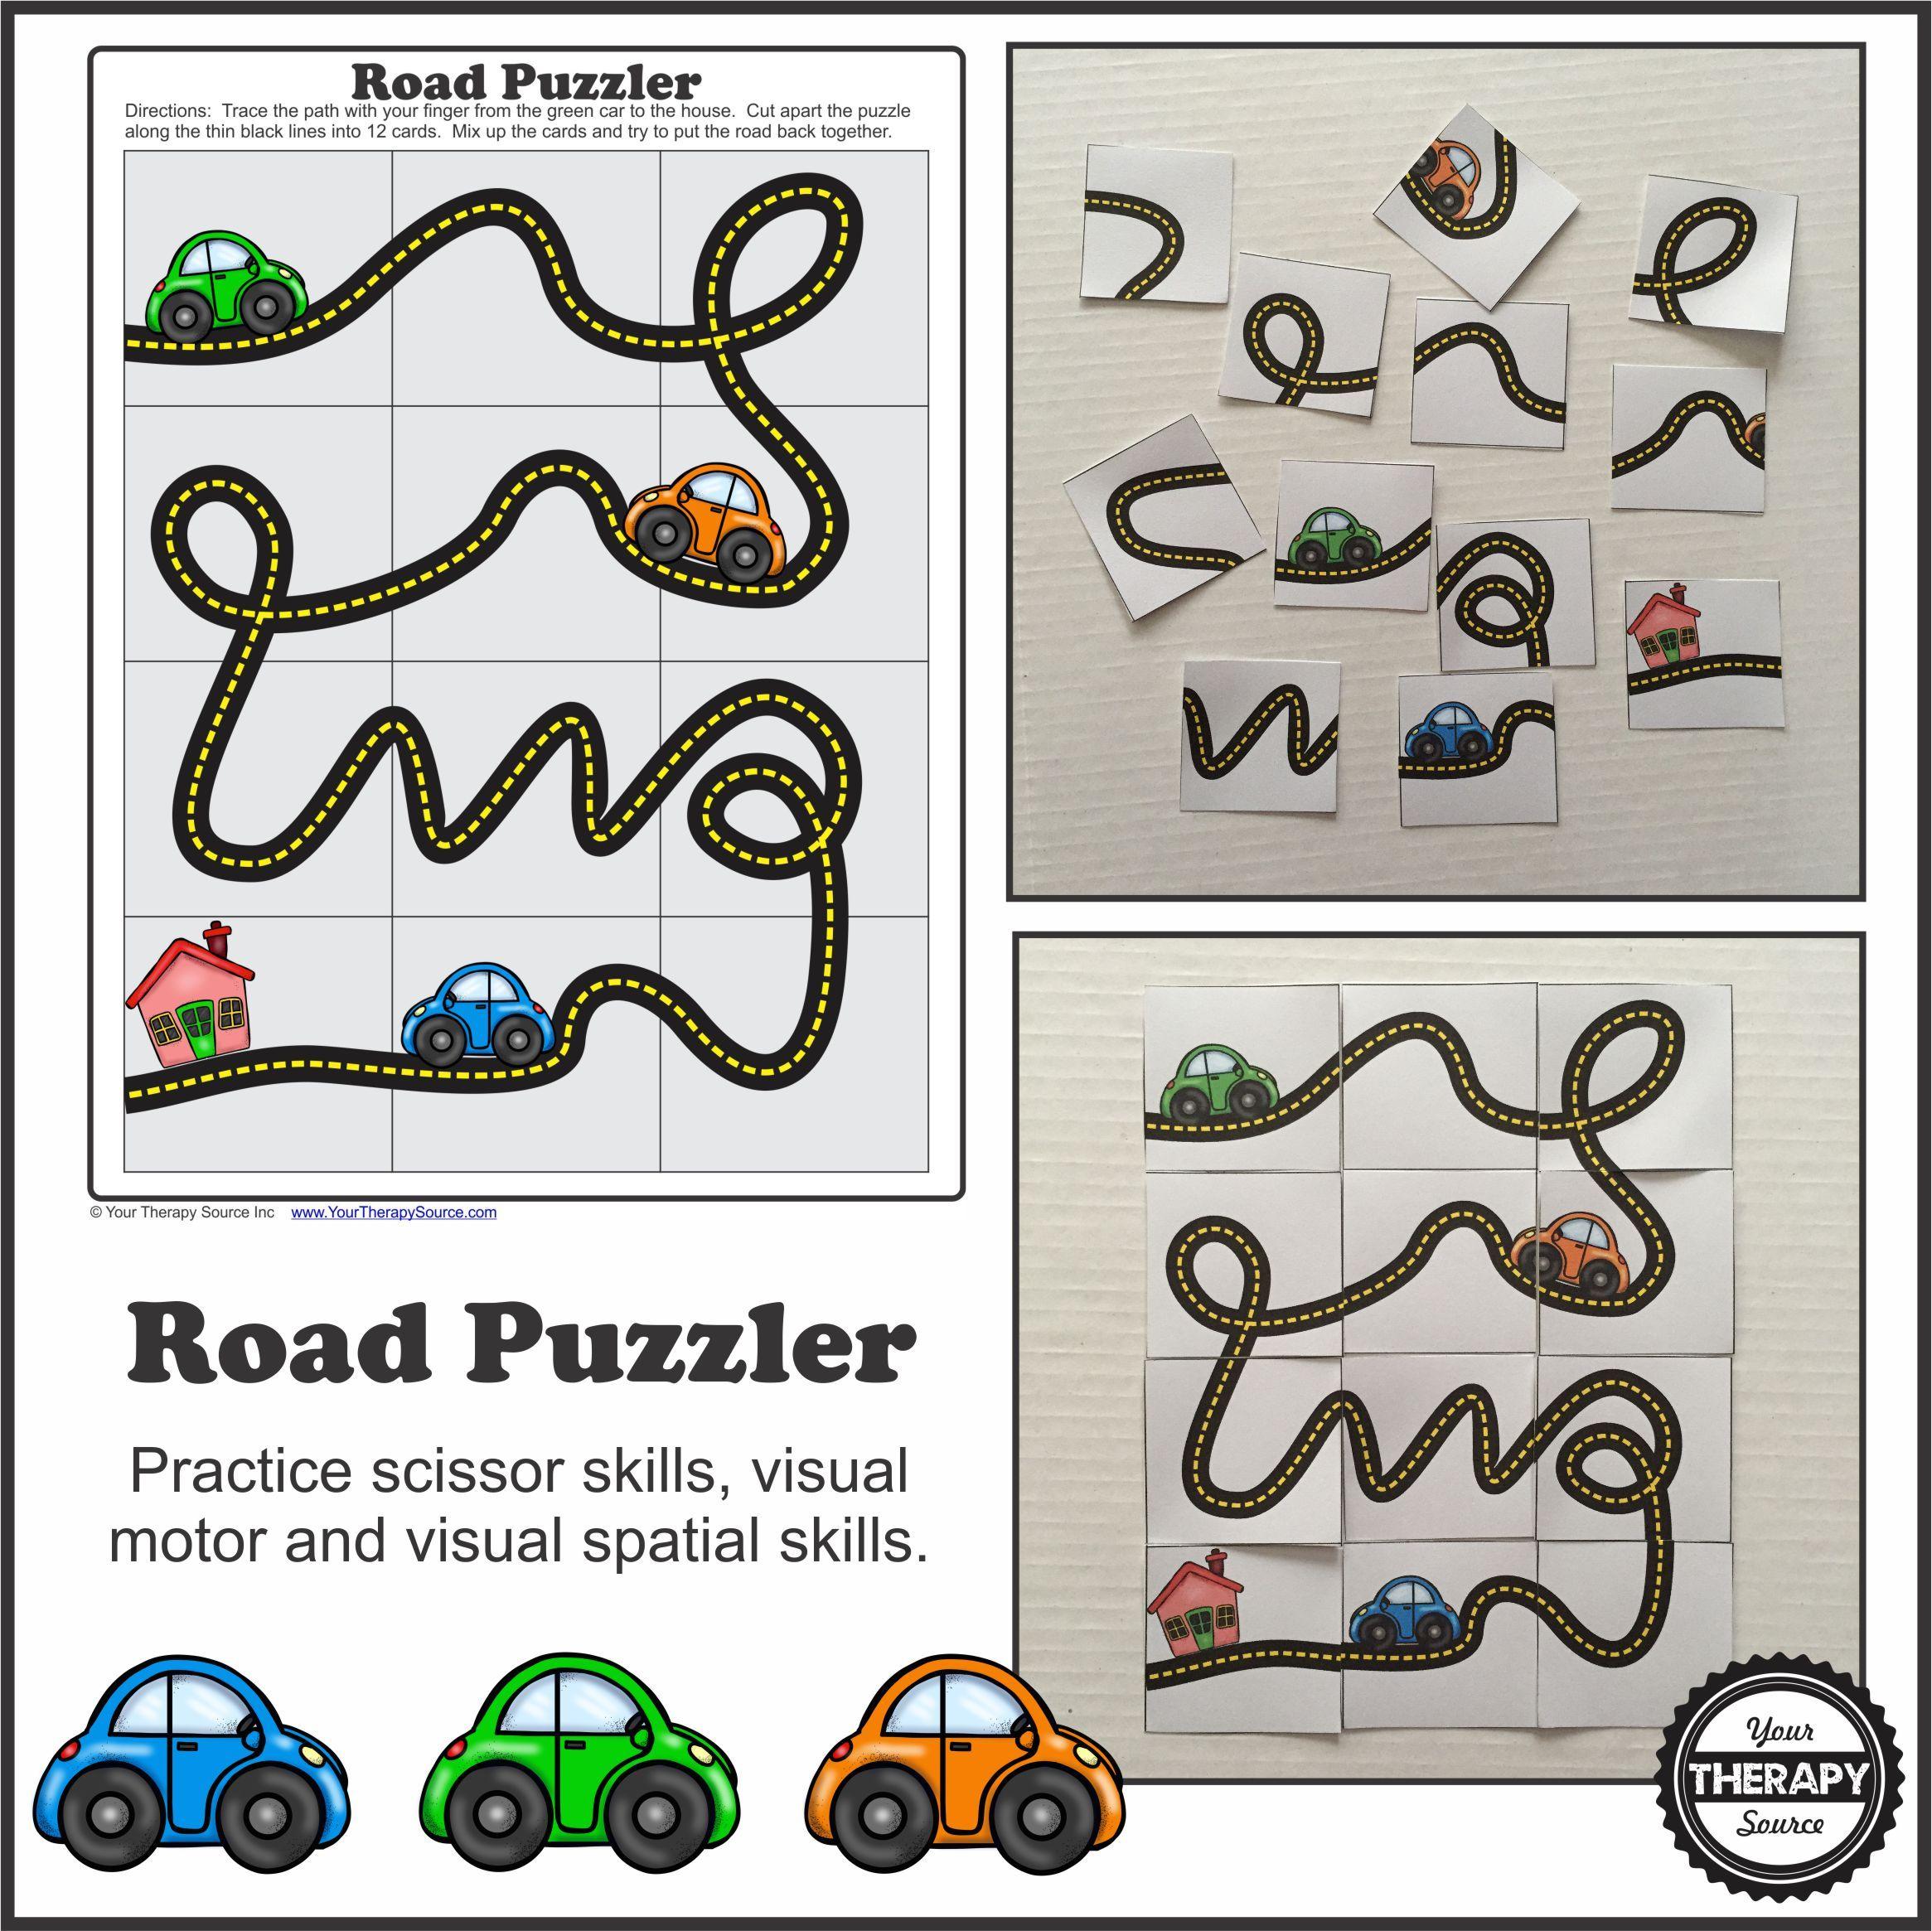 Road Puzzler